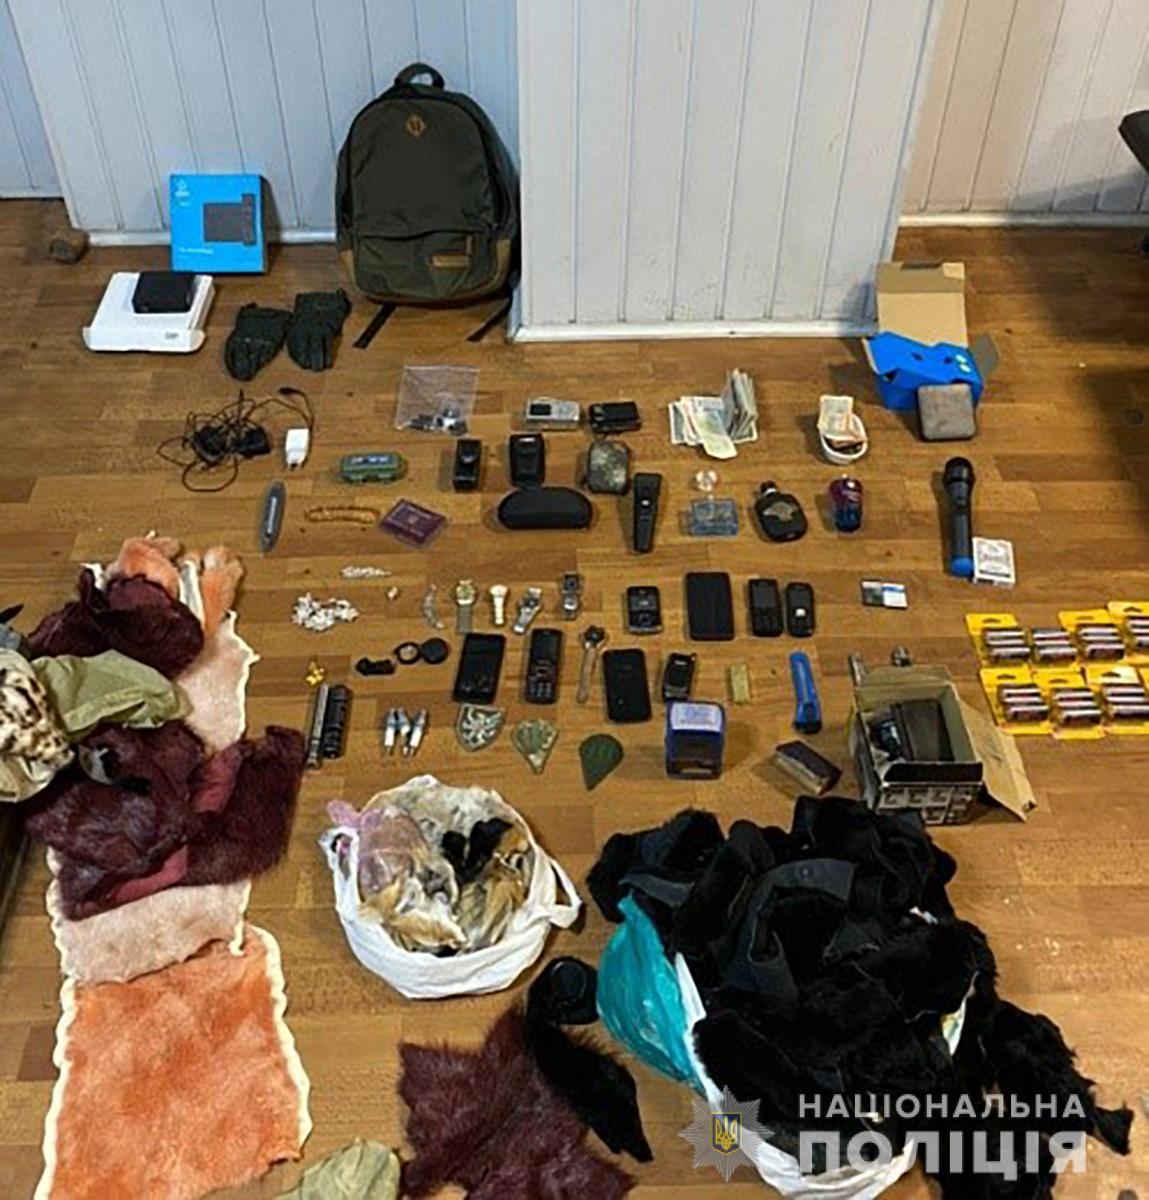 В Запорожье обокрали несколько квартир: в полиции рассказали подробности (ФОТО)